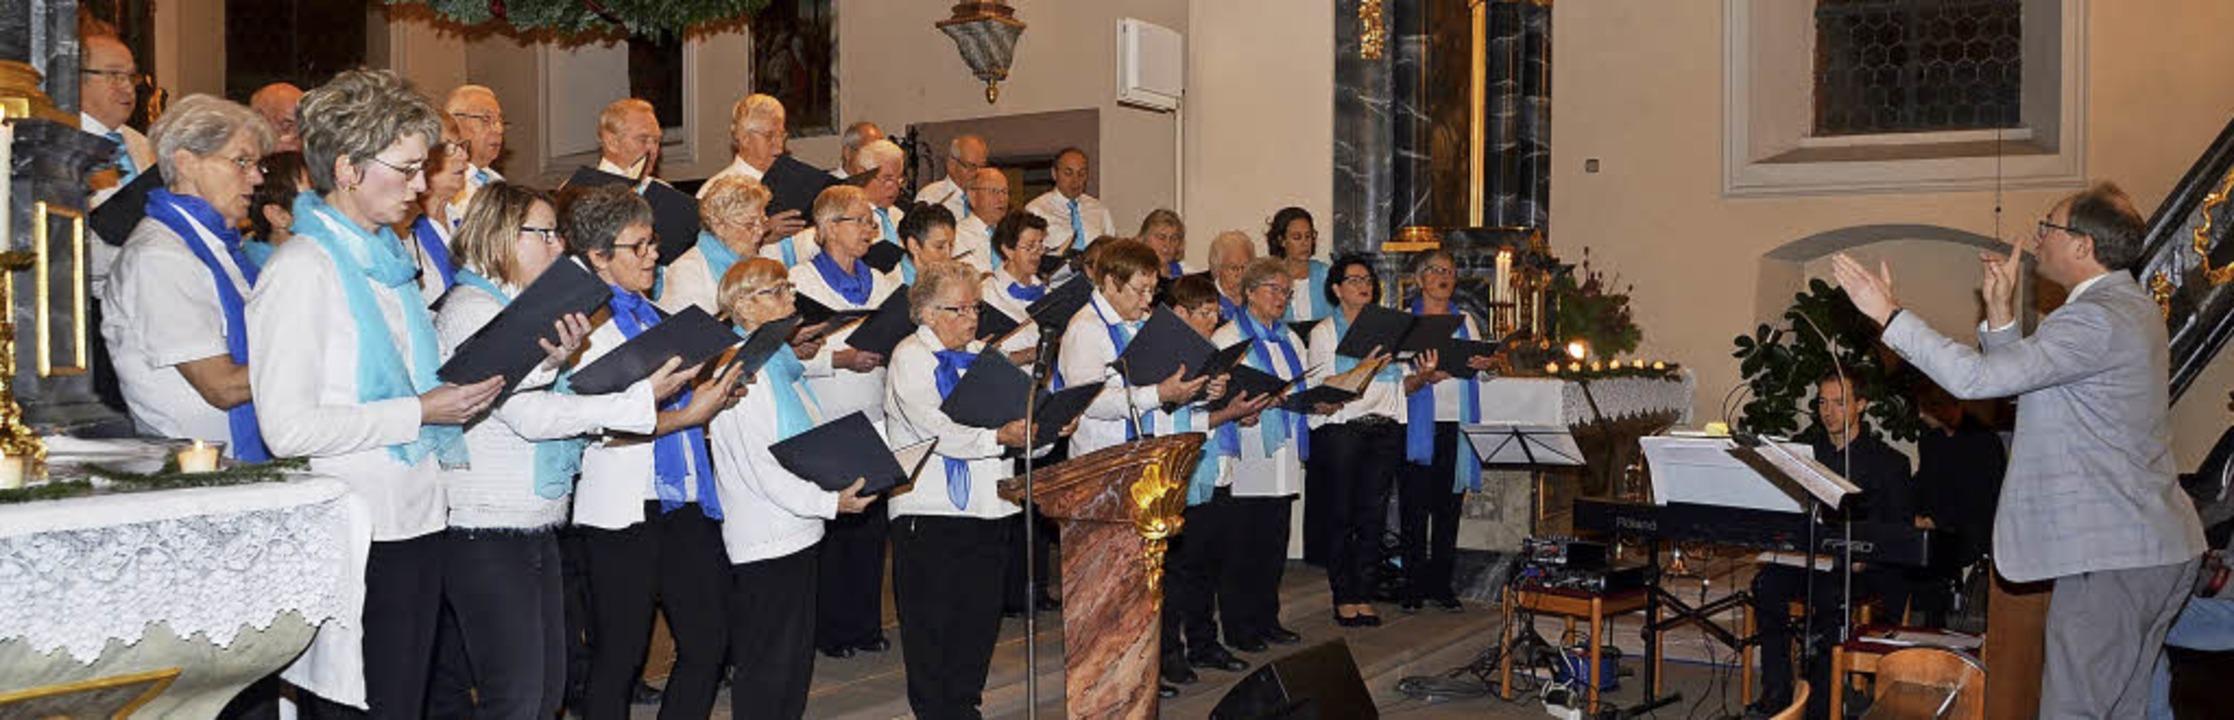 Messe, Musical und Weihnachtslieder - Sasbach - Badische Zeitung